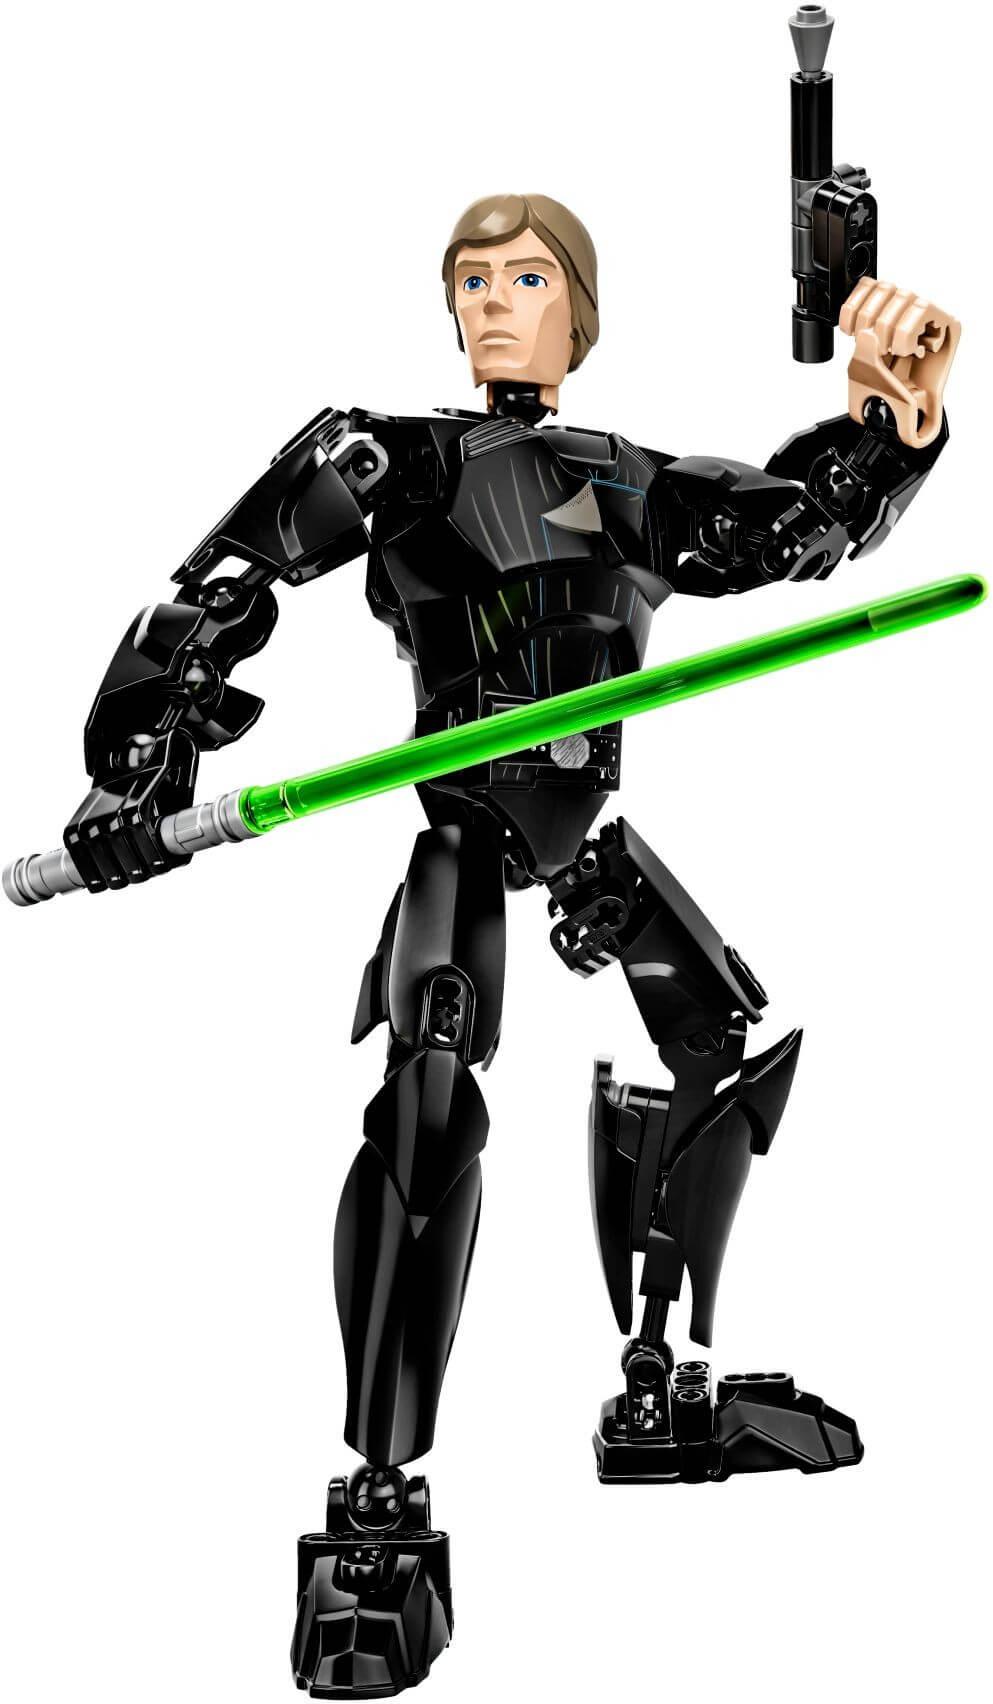 Mua đồ chơi LEGO 75110 - LEGO Star Wars 75110 - Mô hình Anh hùng Luke Skywalker (LEGO Star Wars Luke Skywalker 75110)